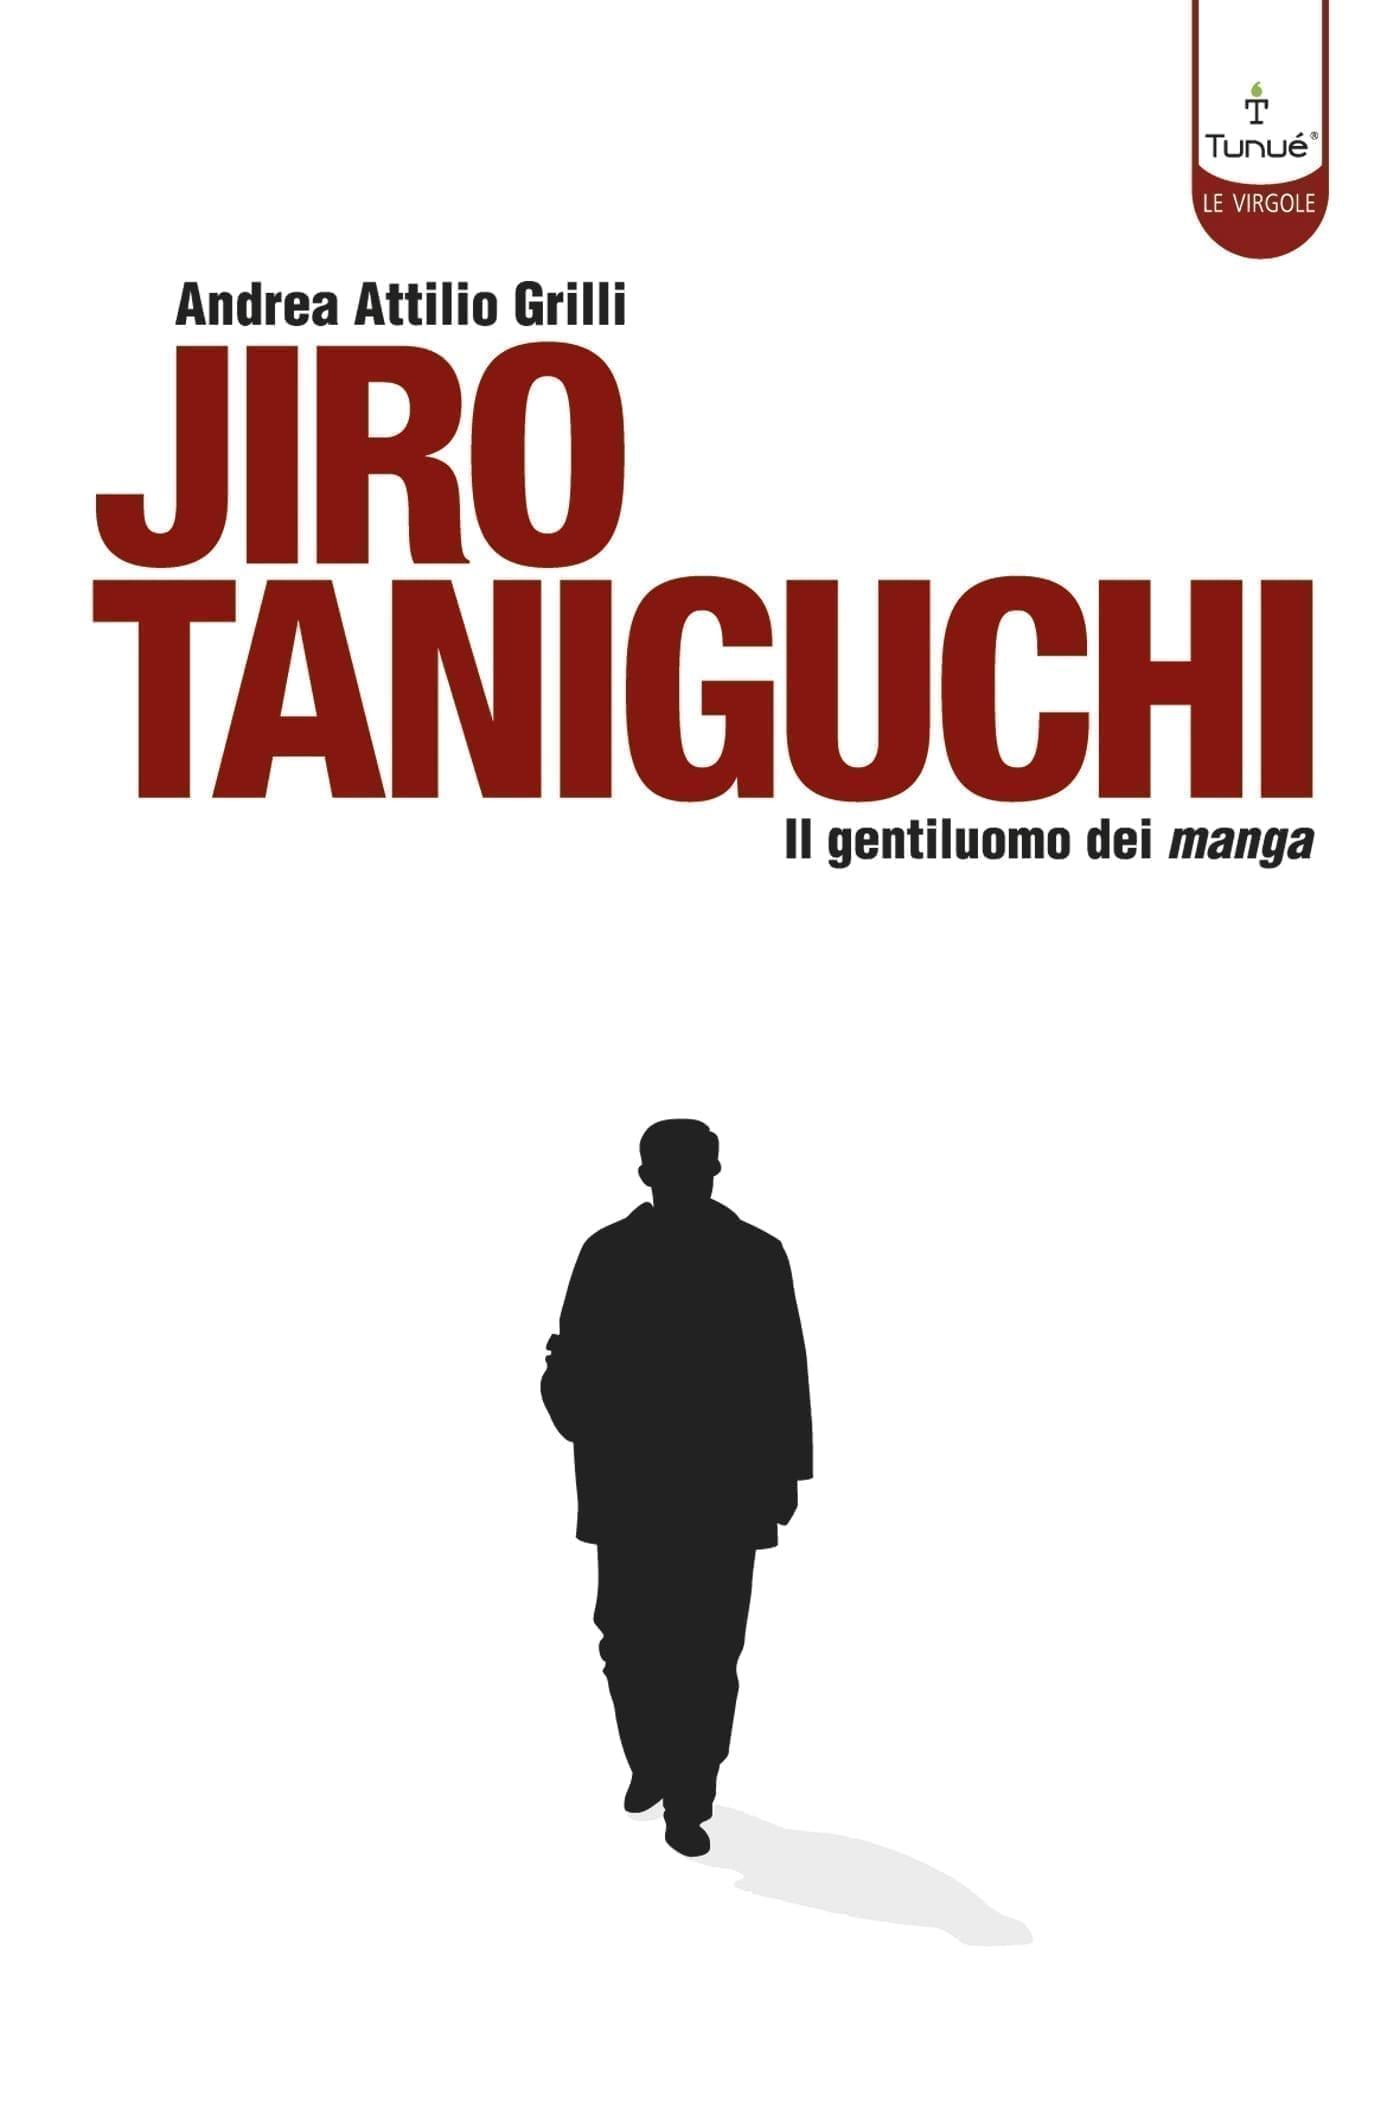 jiro_taniguchi_cover_HR